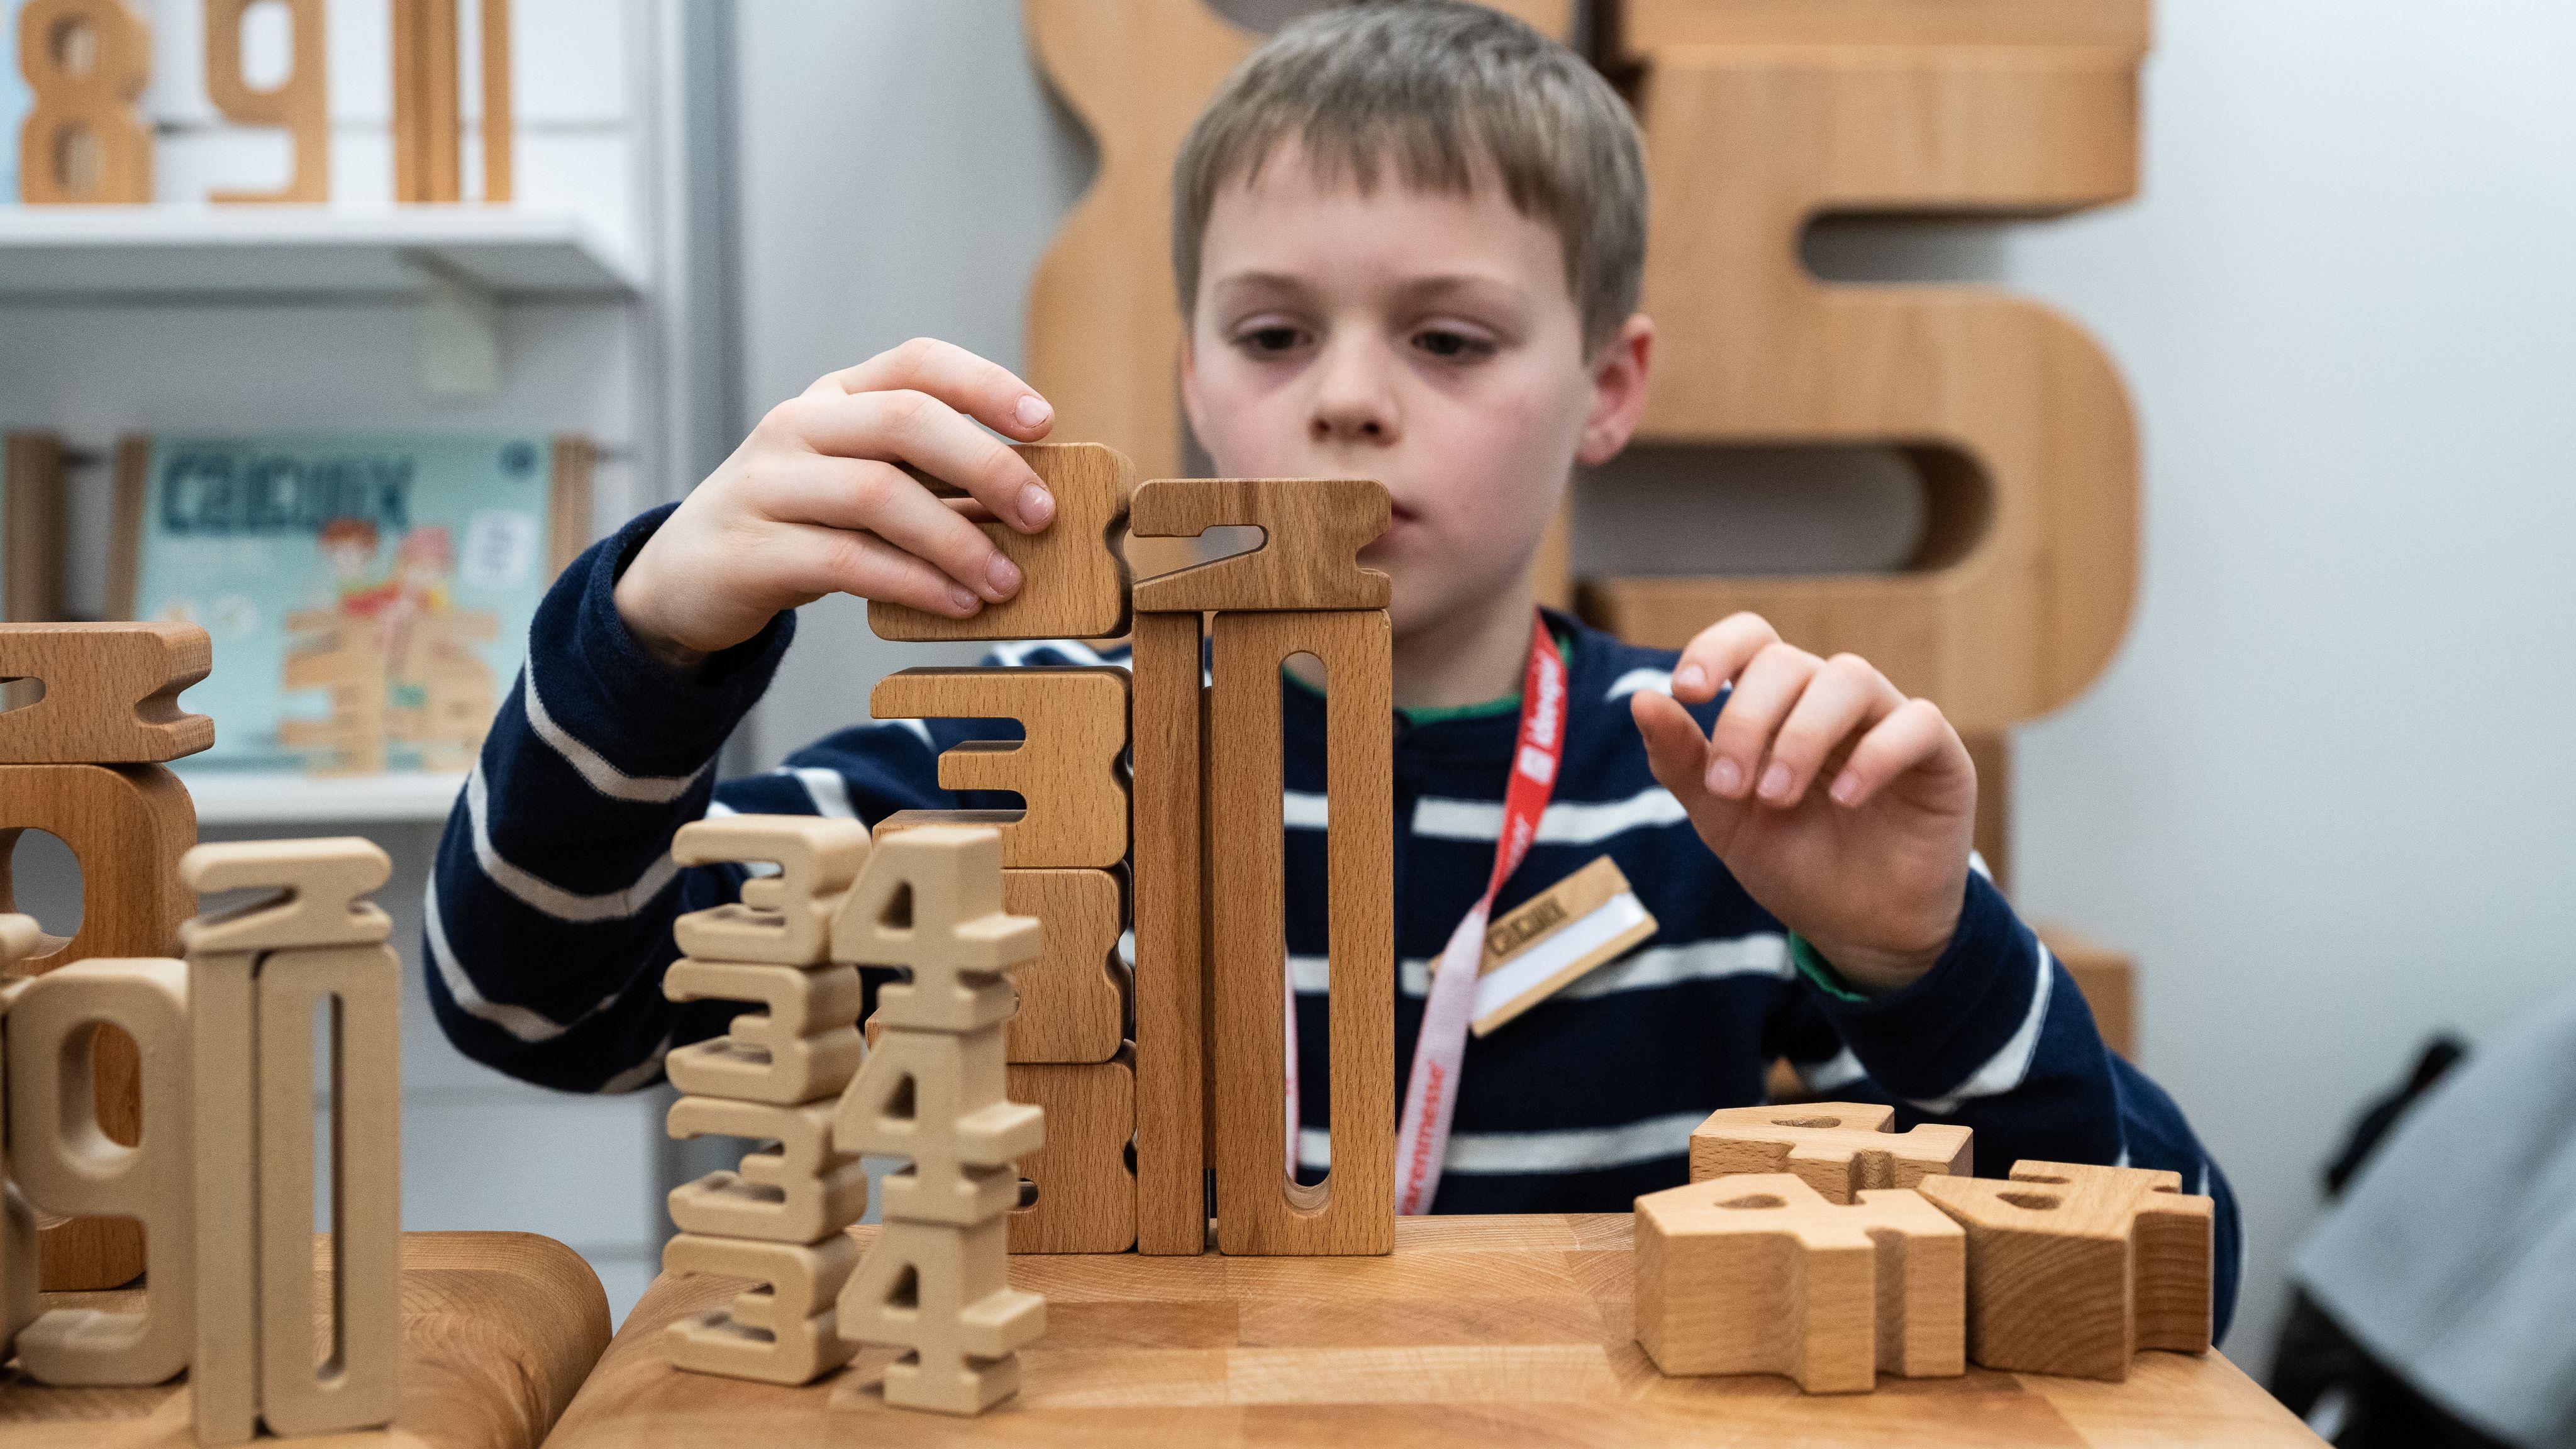 Türme bauen und dabei Zahlenwerte lernen - das ermöglichen die Calculix Zahlenbausteinen